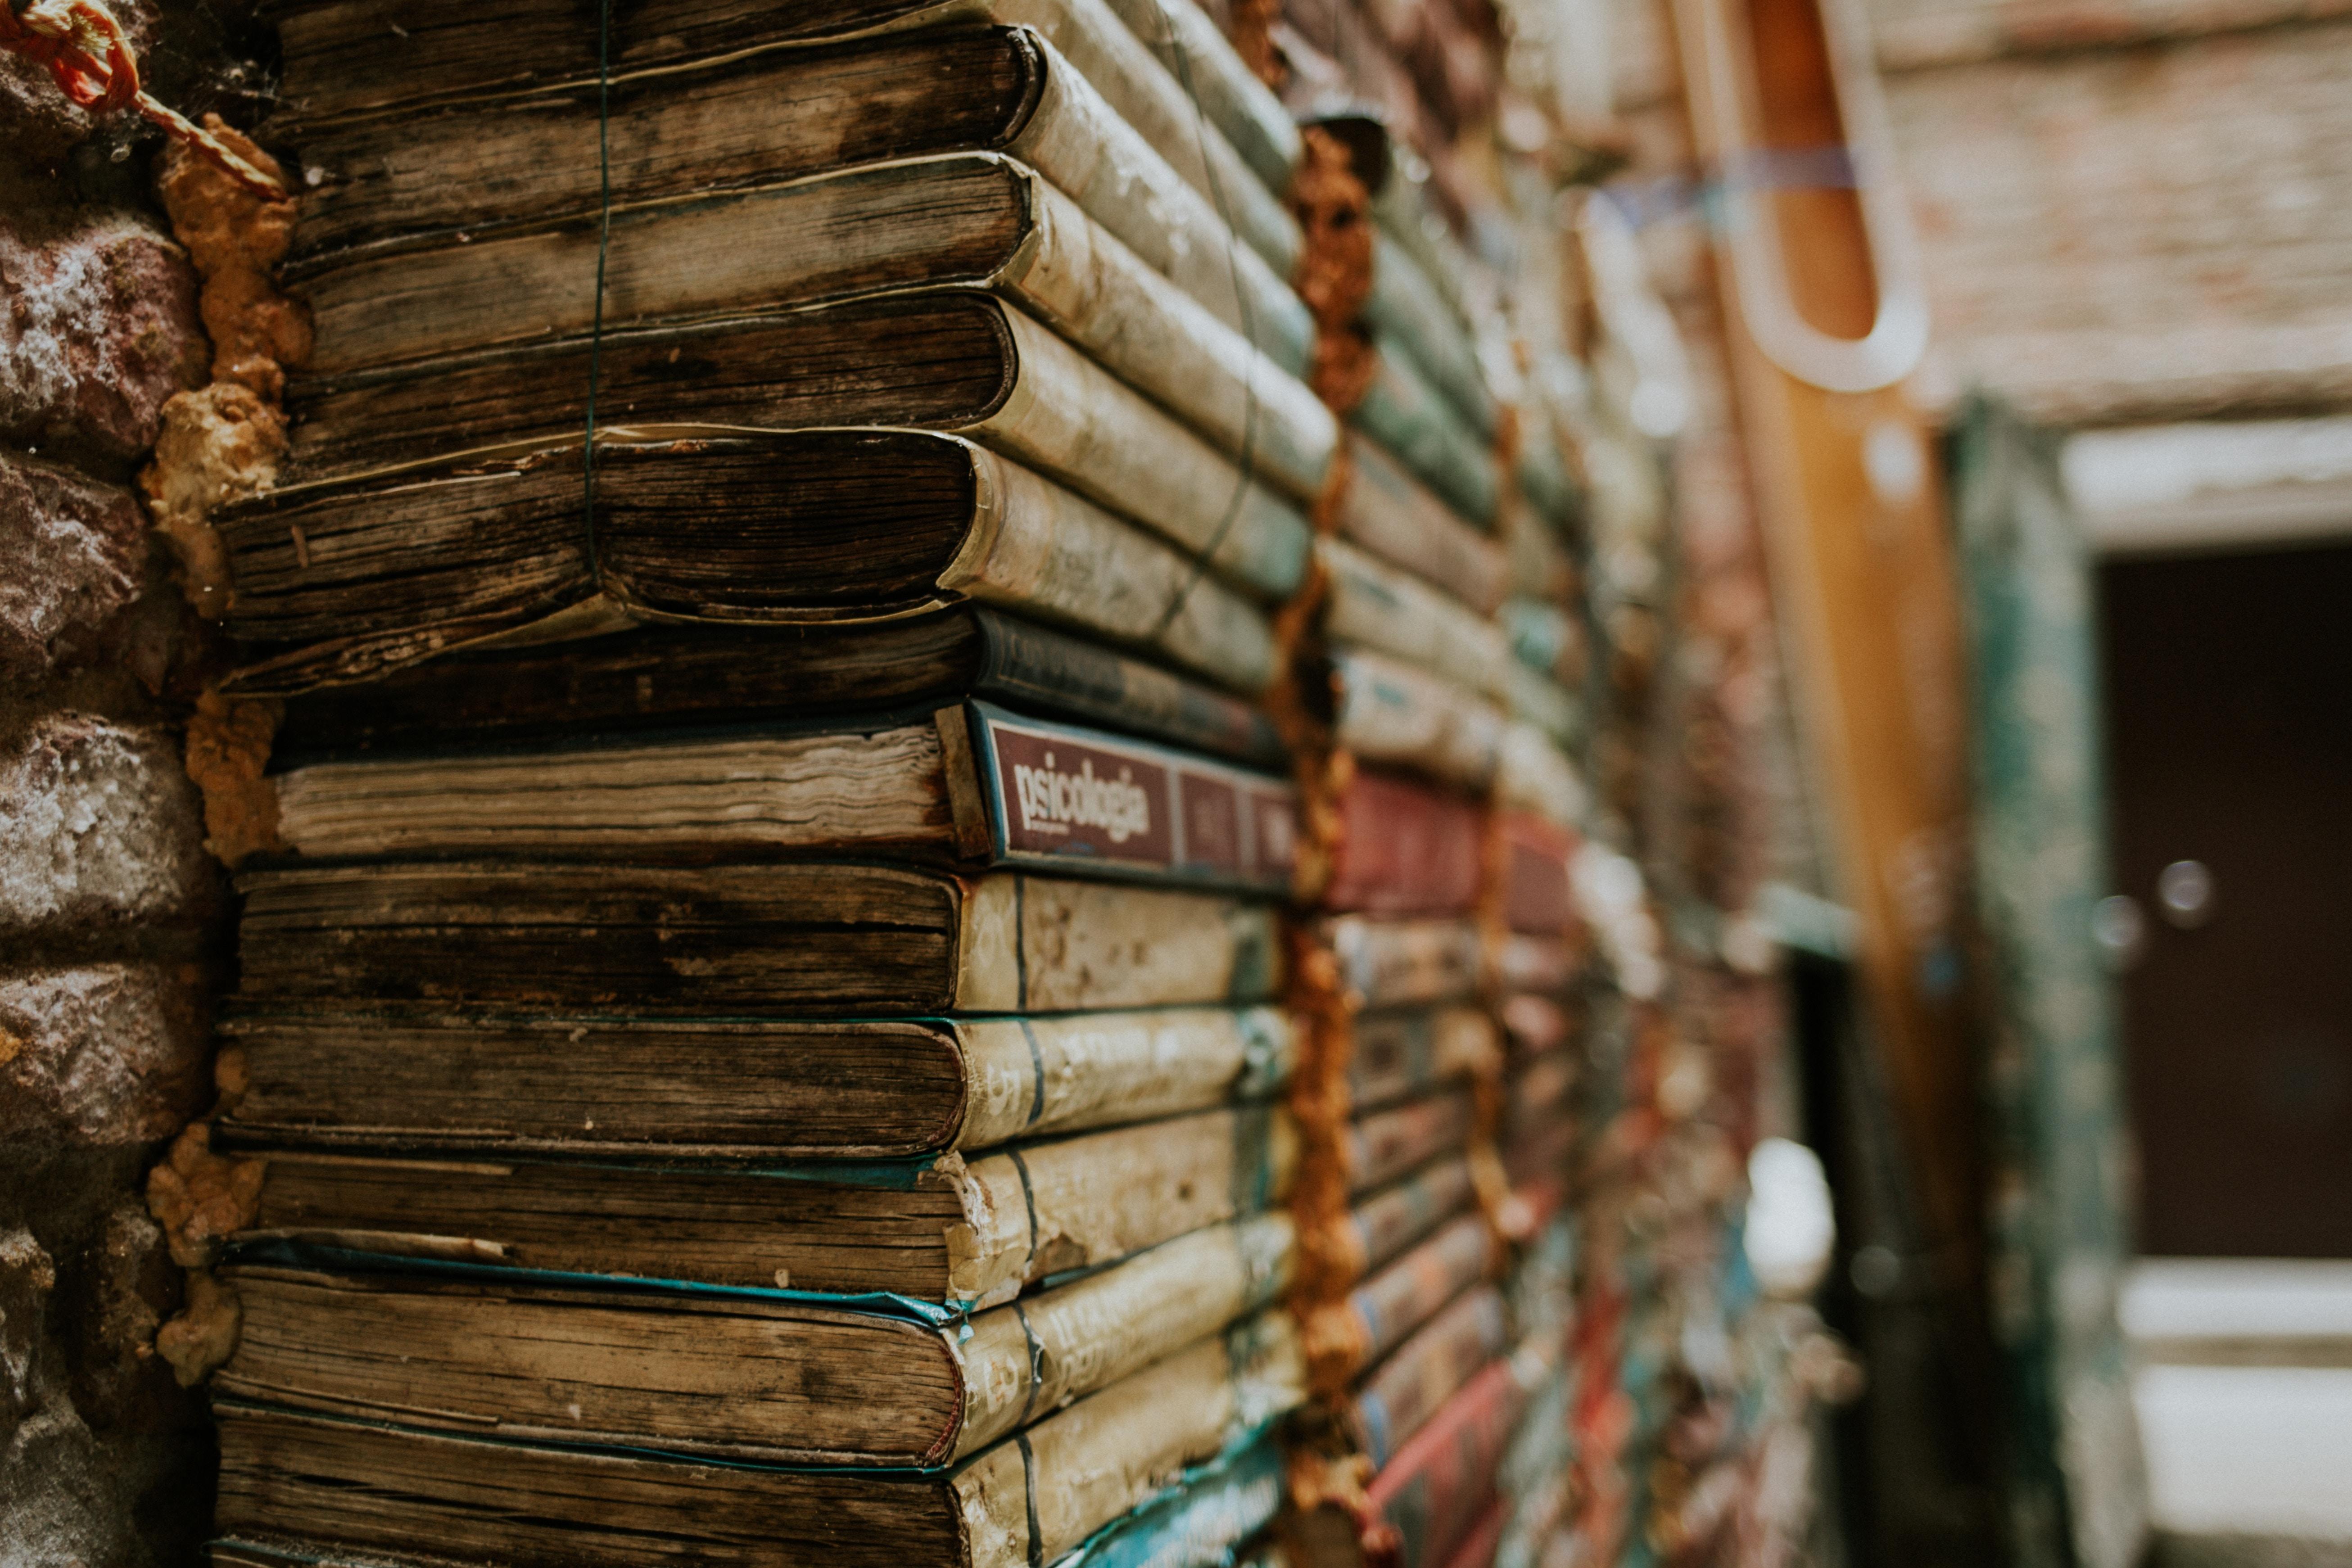 68696 скачать обои Разное, Книги, Старинный, Чтение, Связка, Стопка - заставки и картинки бесплатно